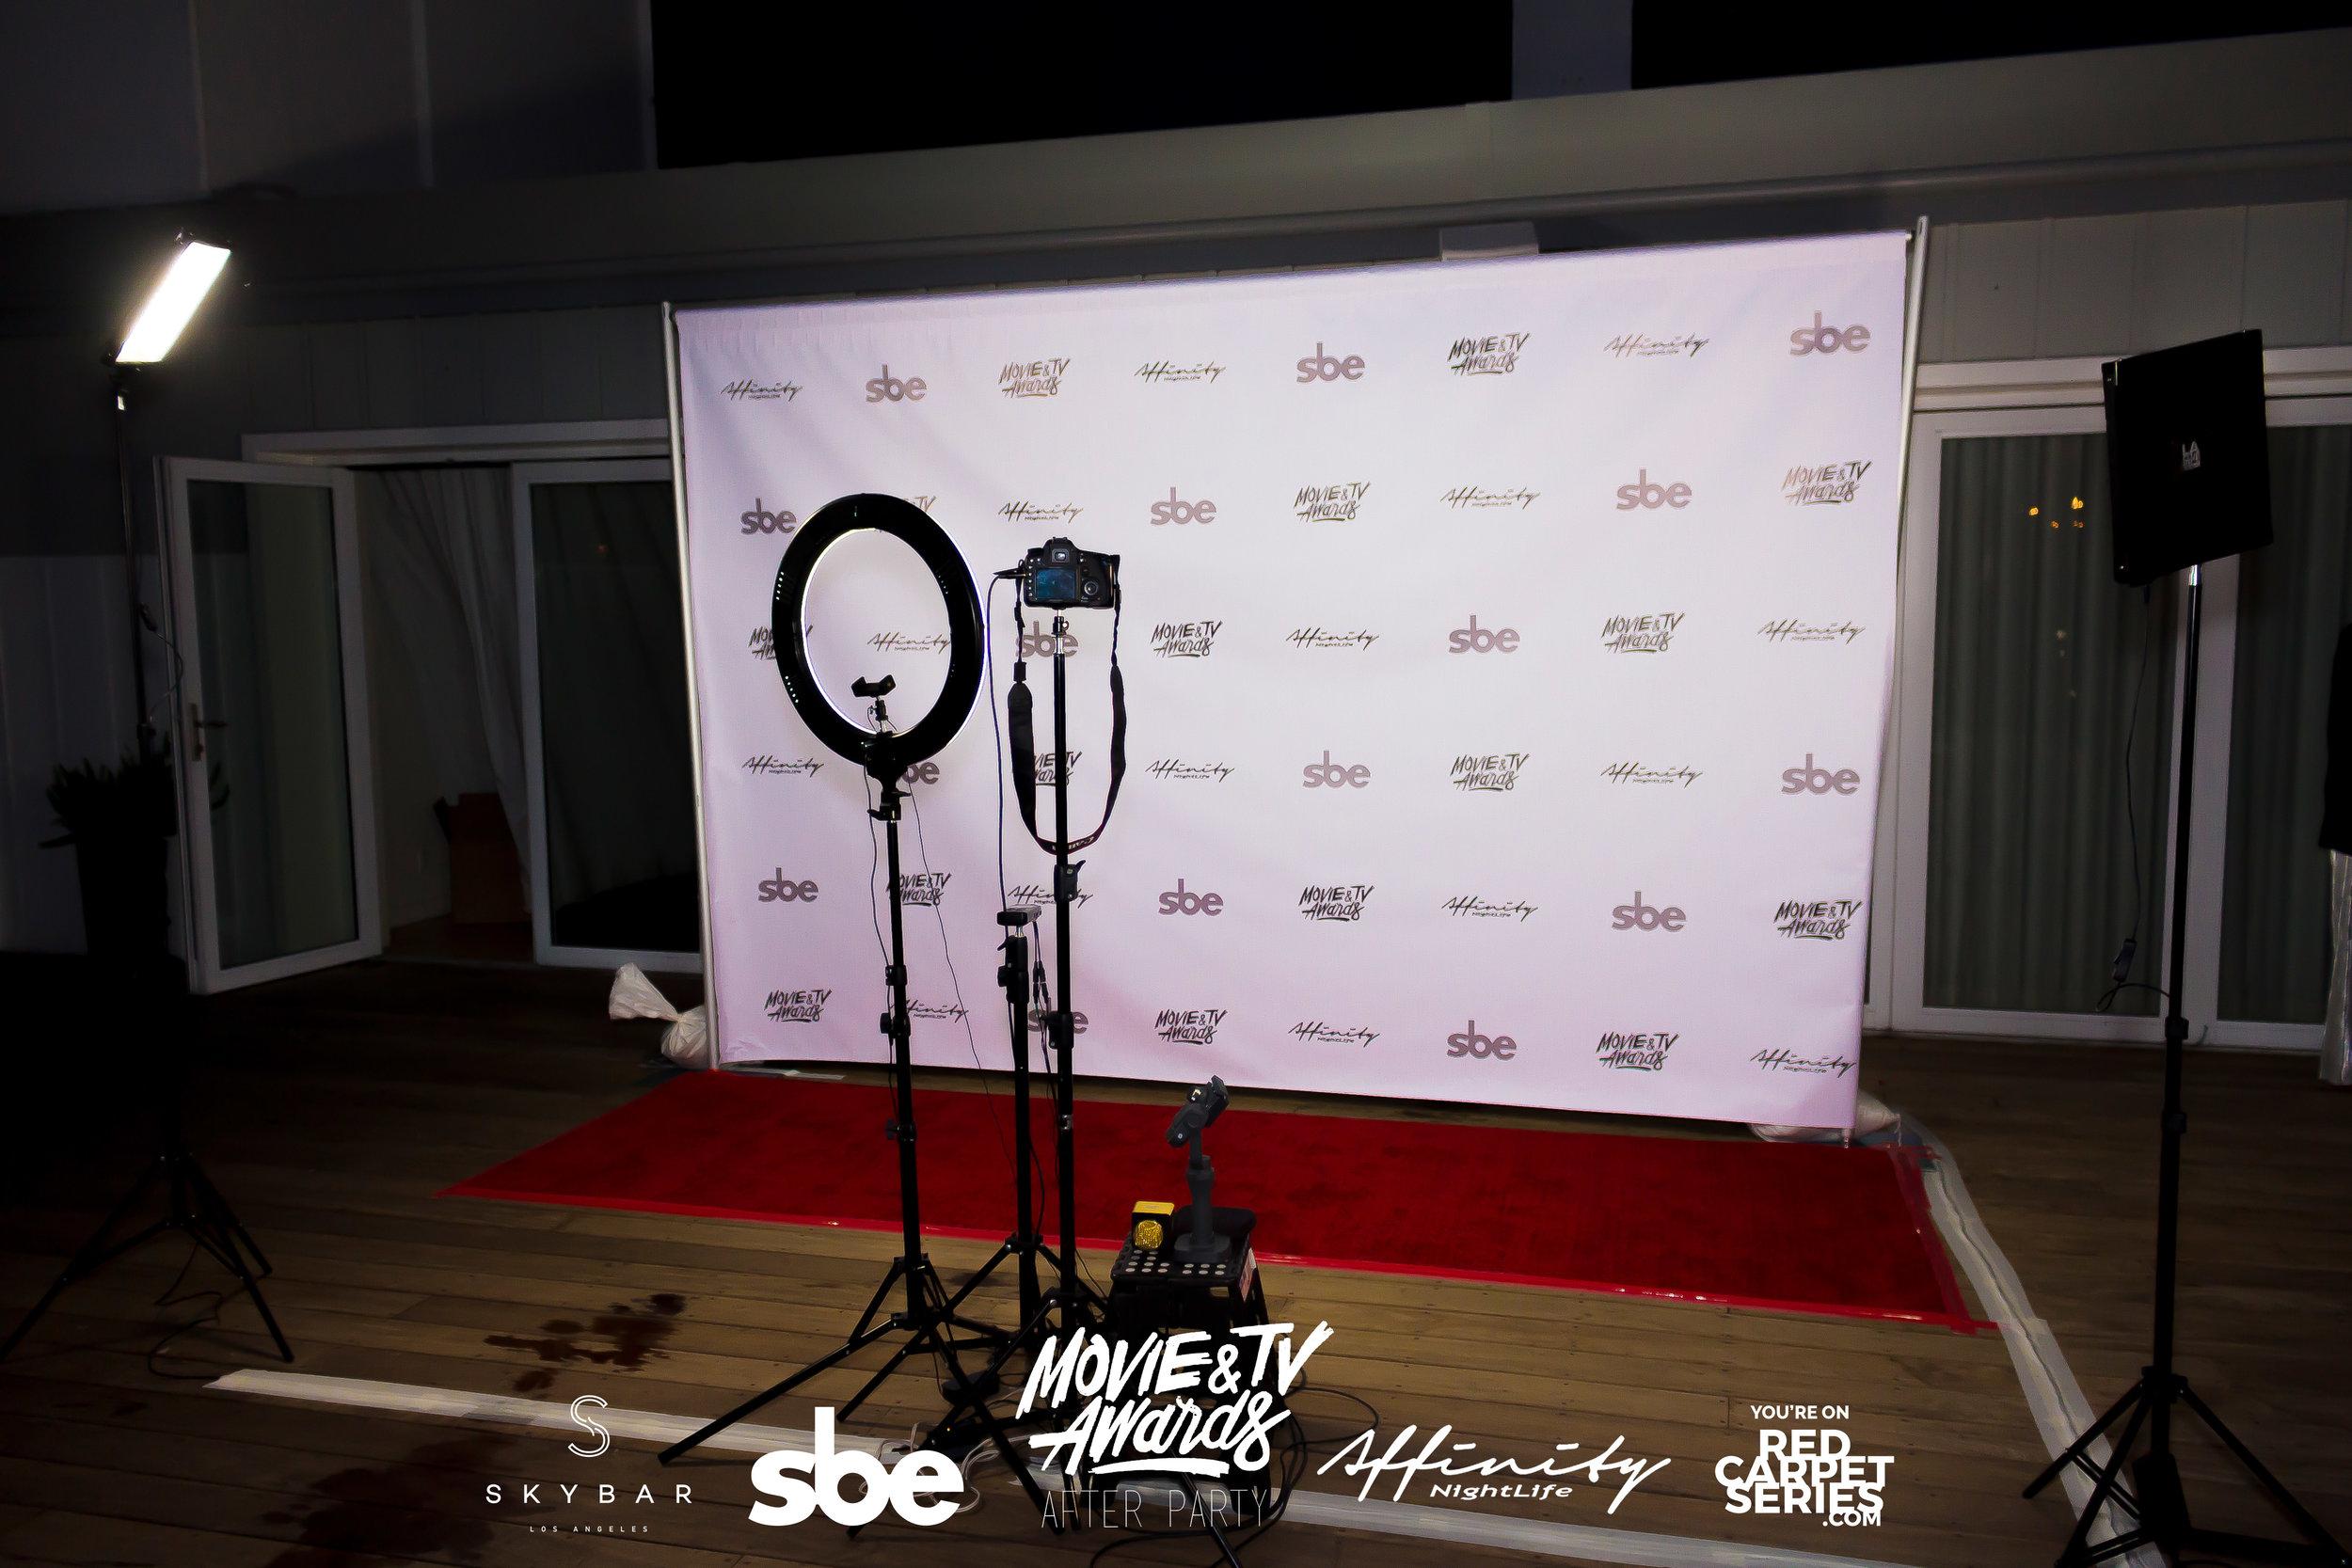 Affinity Nightlife MTV Movie & TV Awards After Party - Skybar at Mondrian - 06-15-19 - Vol. 1_12.jpg